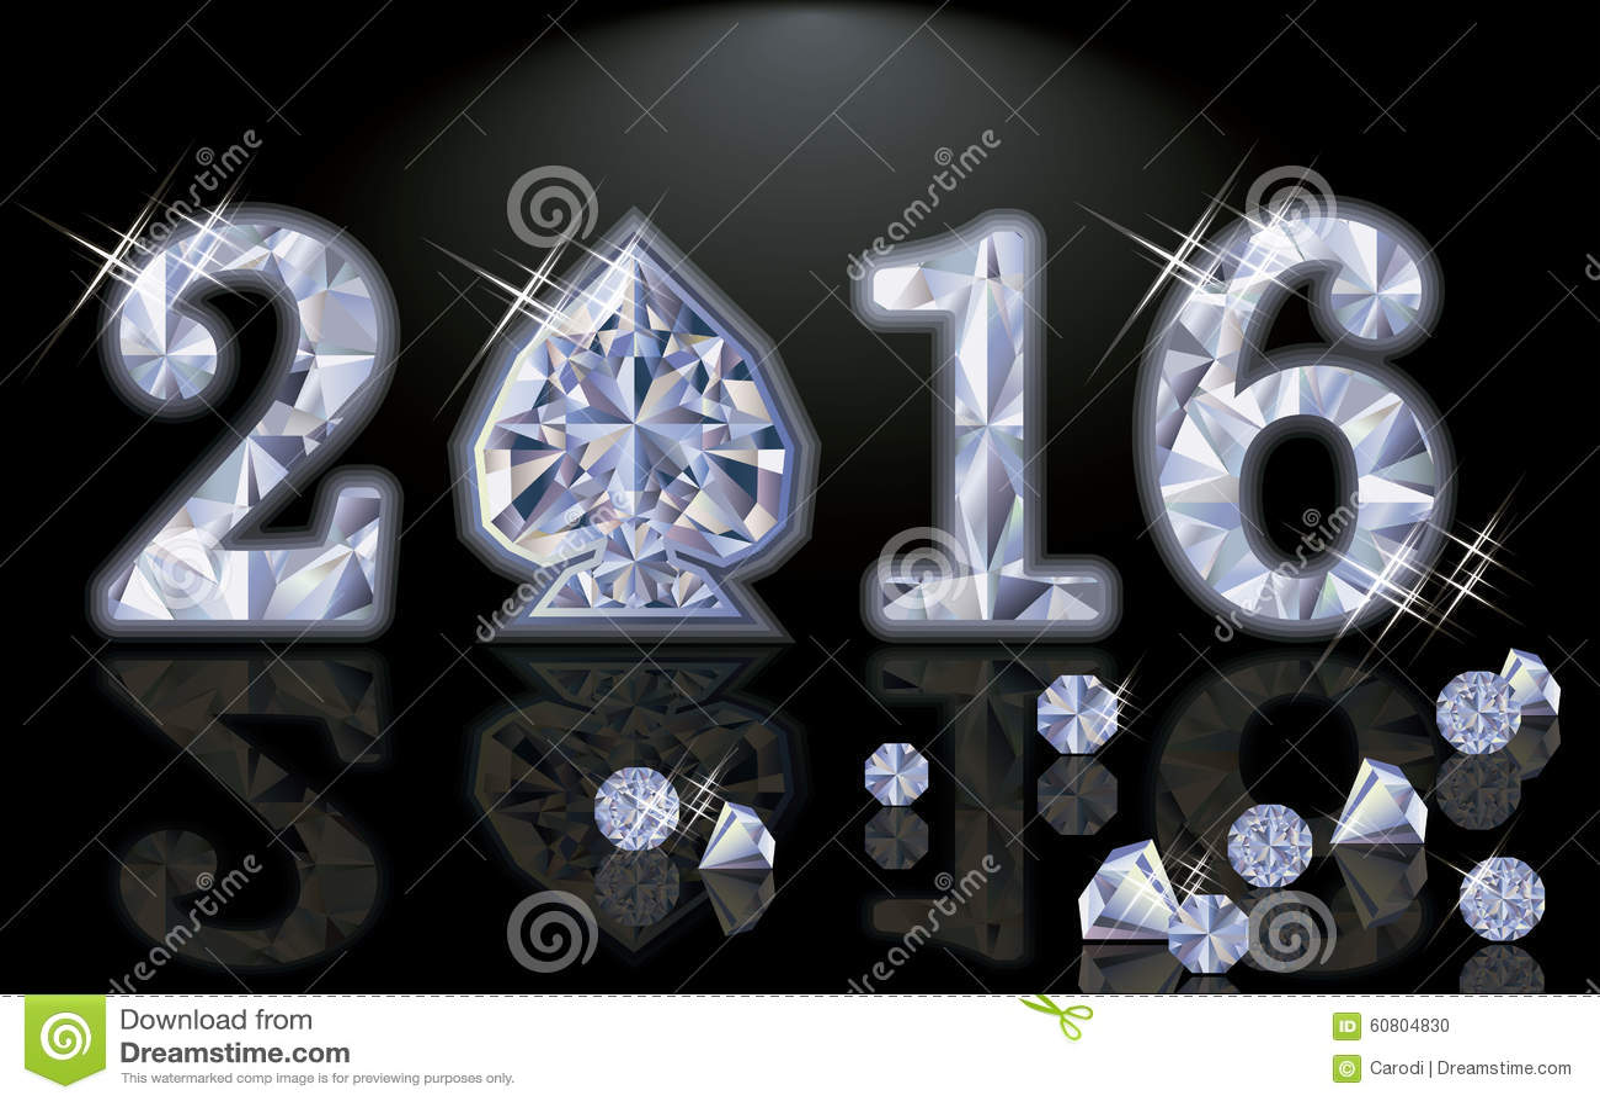 De gelukkige van de het jaardiamant van 2016 Nieuwe vector van de de pookspade